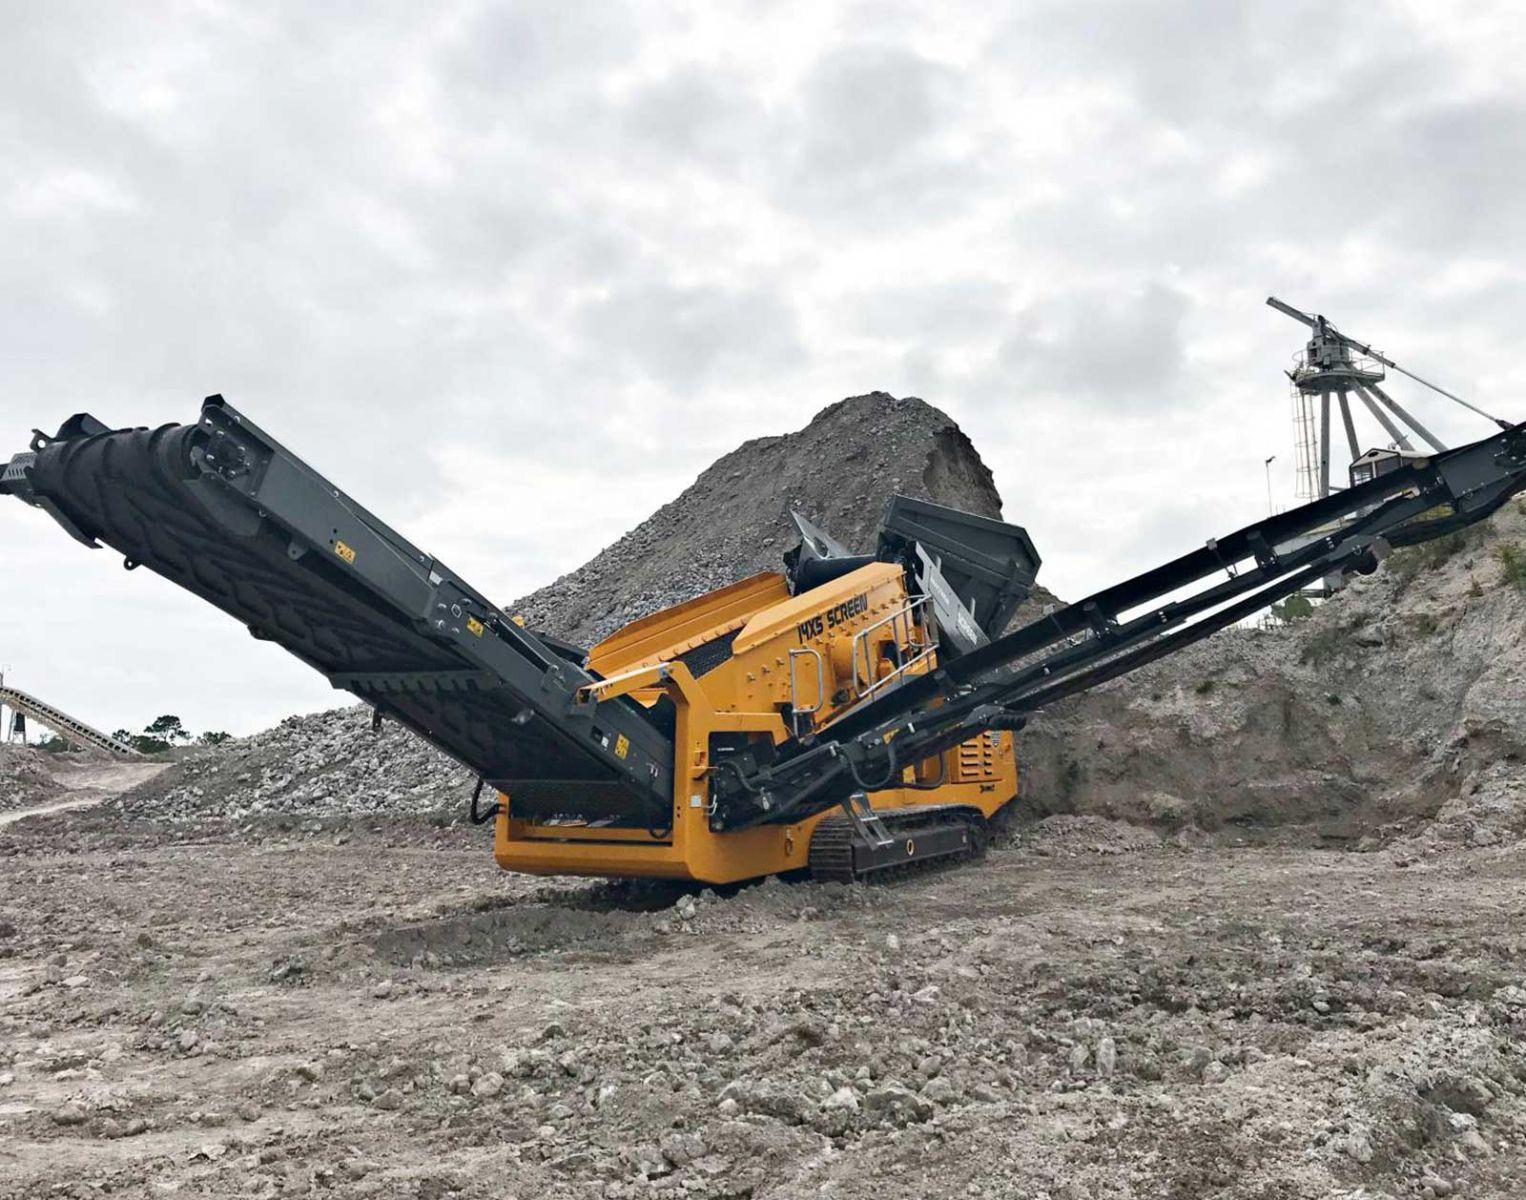 Hình ảnh máy rửa cát theo module từ Nhà sản xuất McLanahan tại Việt Nam do Thanh Long JSC đại diện.